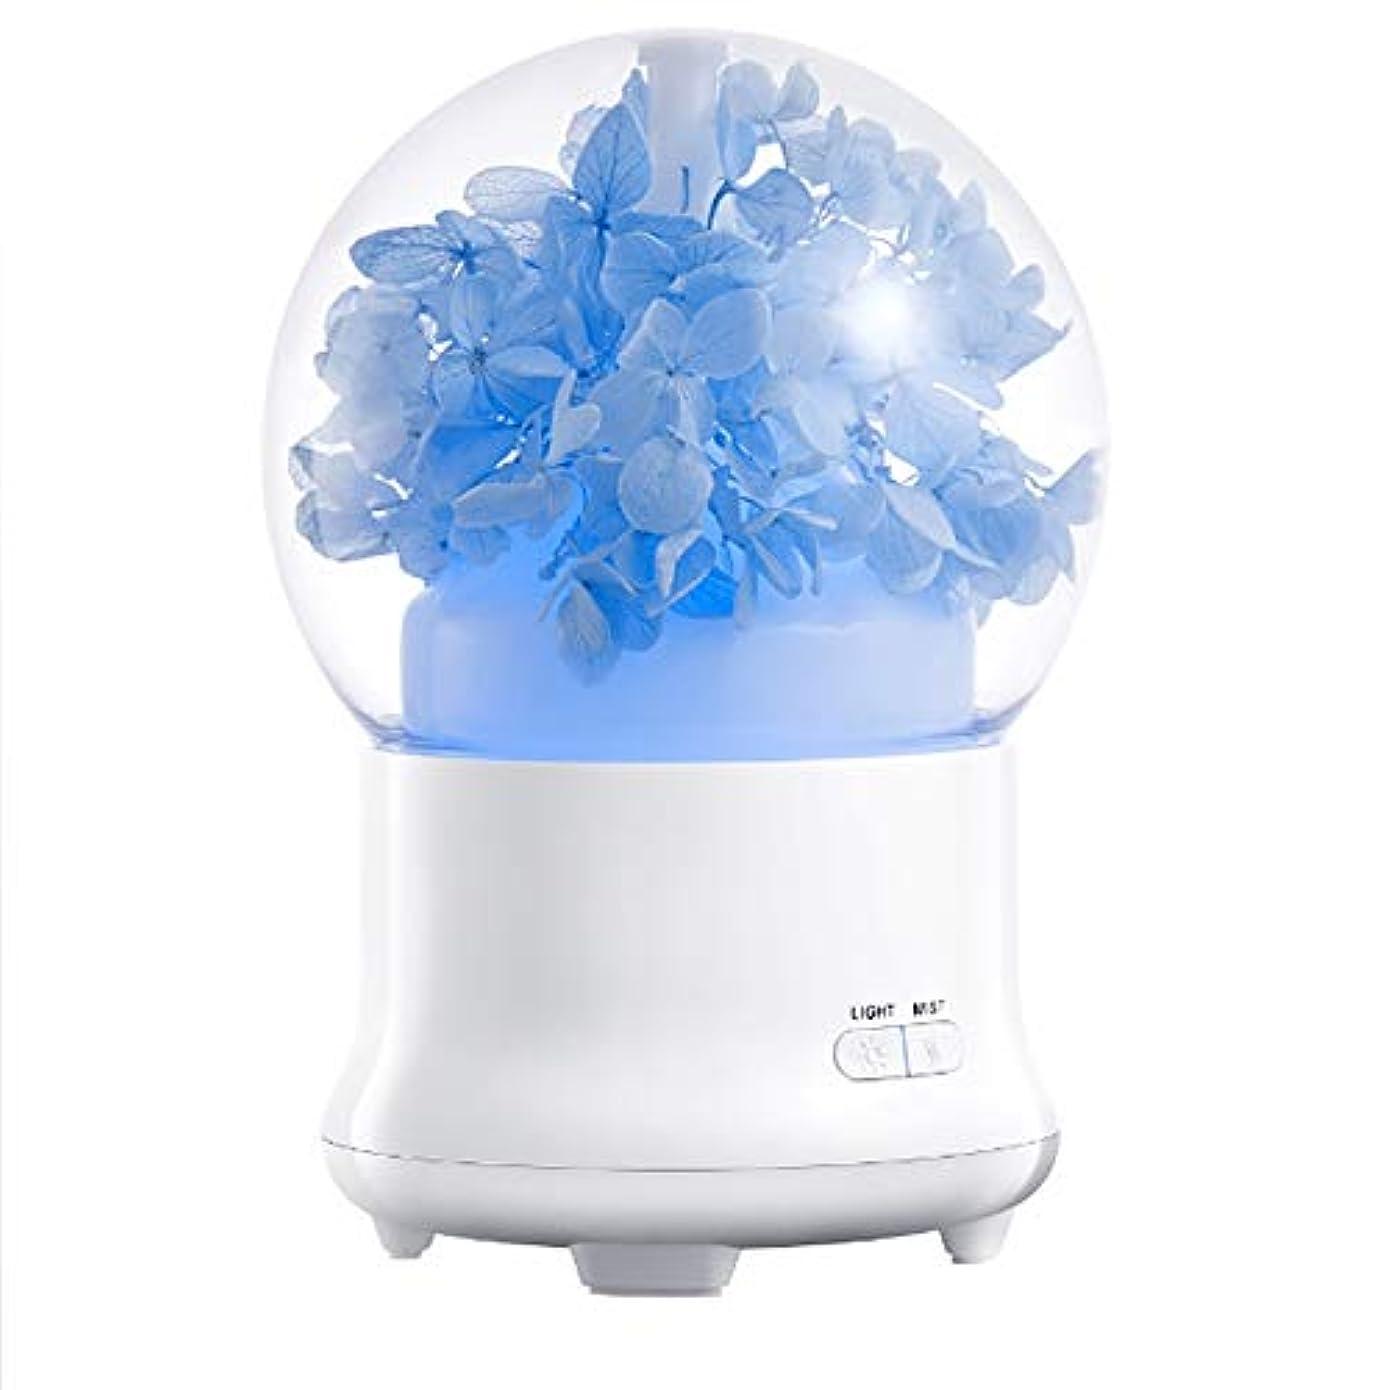 マイク抗議補足100ml 加湿器アロマセラピーマシン永遠の花クリーンエアタイマーと自動オフ安全スイッチオフィスホームベッドルームリビングルームスタディヨガスパ USB 充電,1